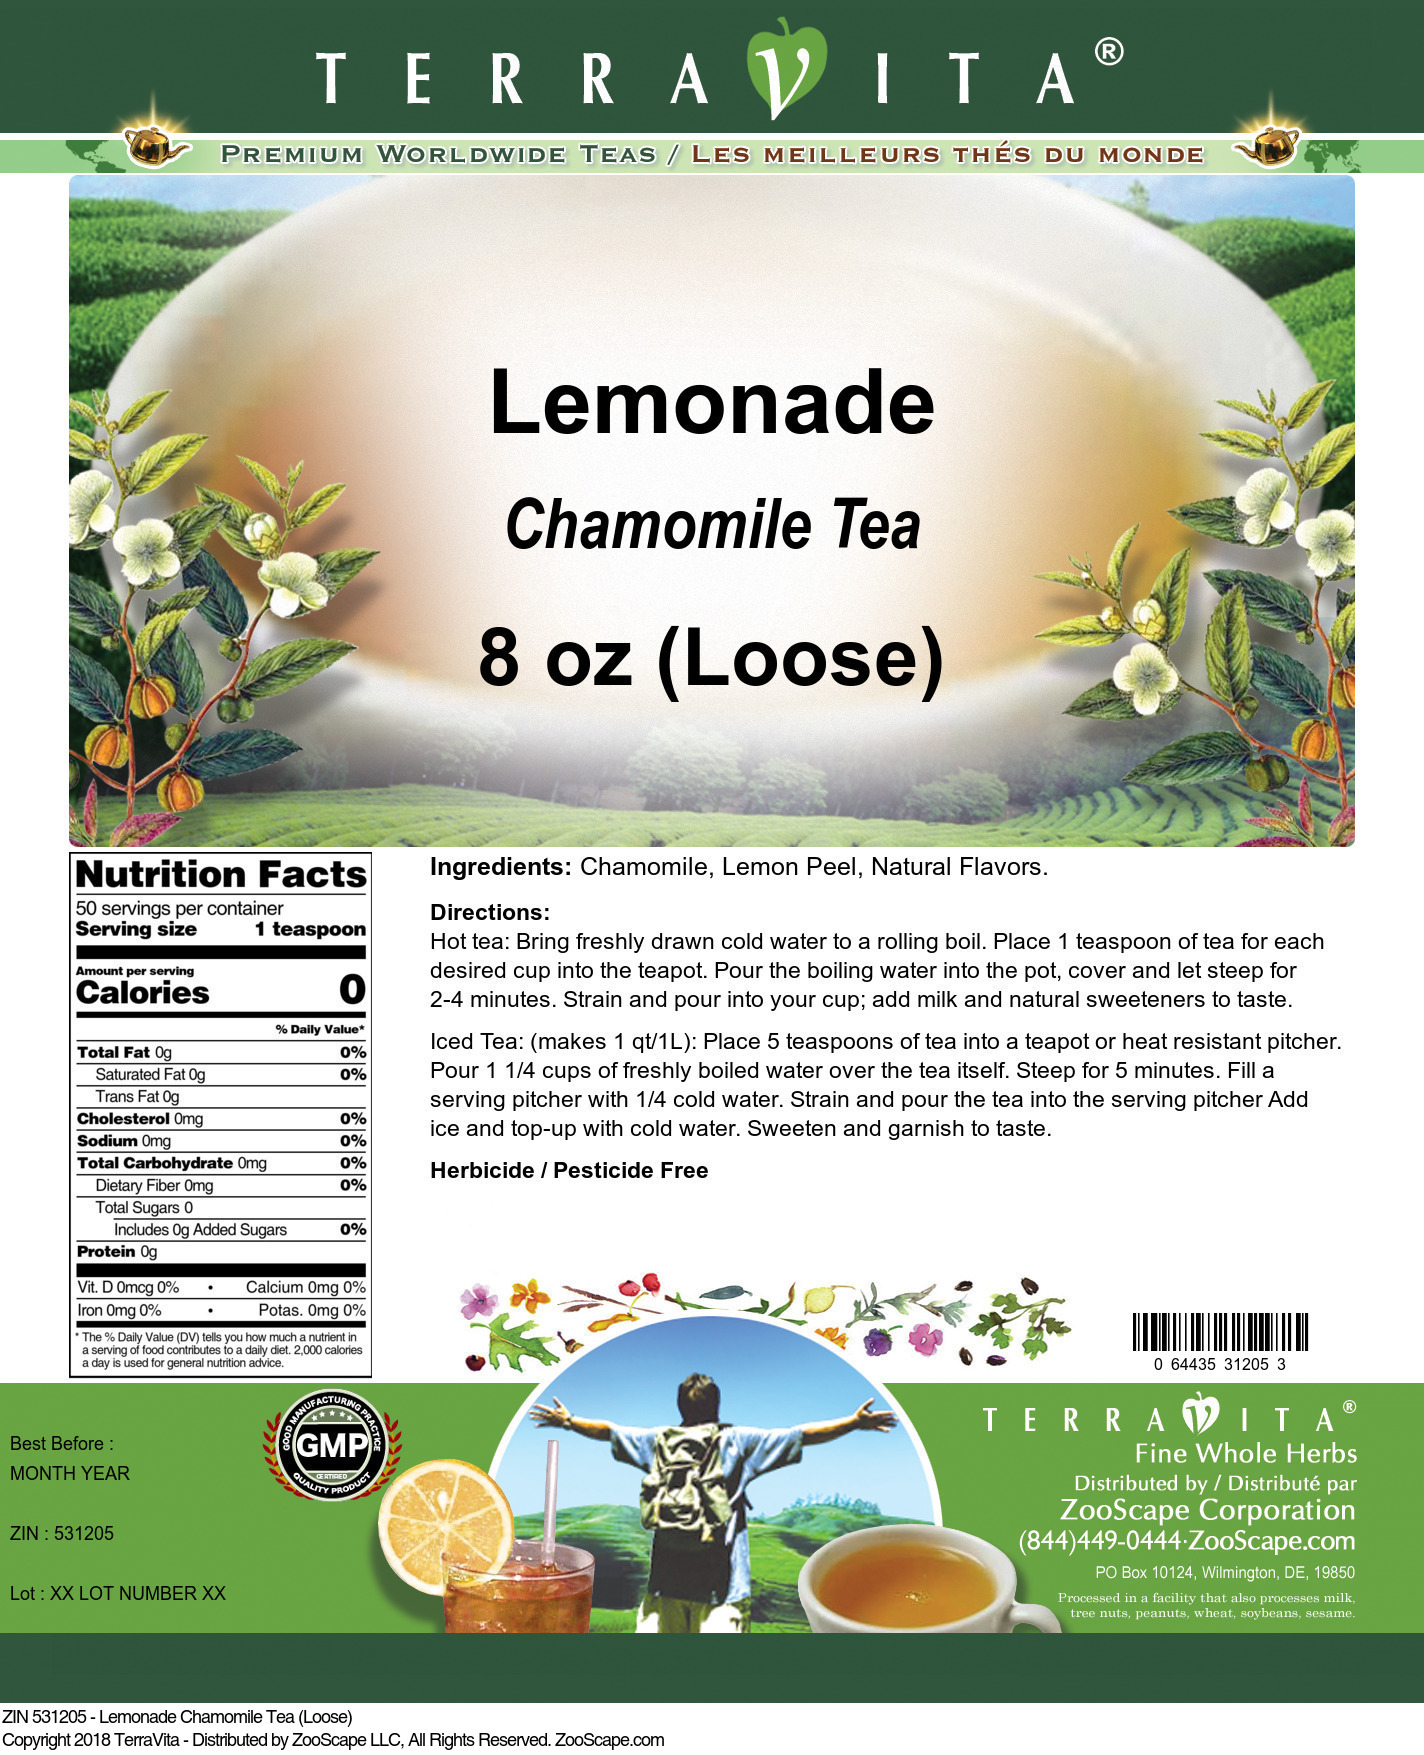 Lemonade Chamomile Tea